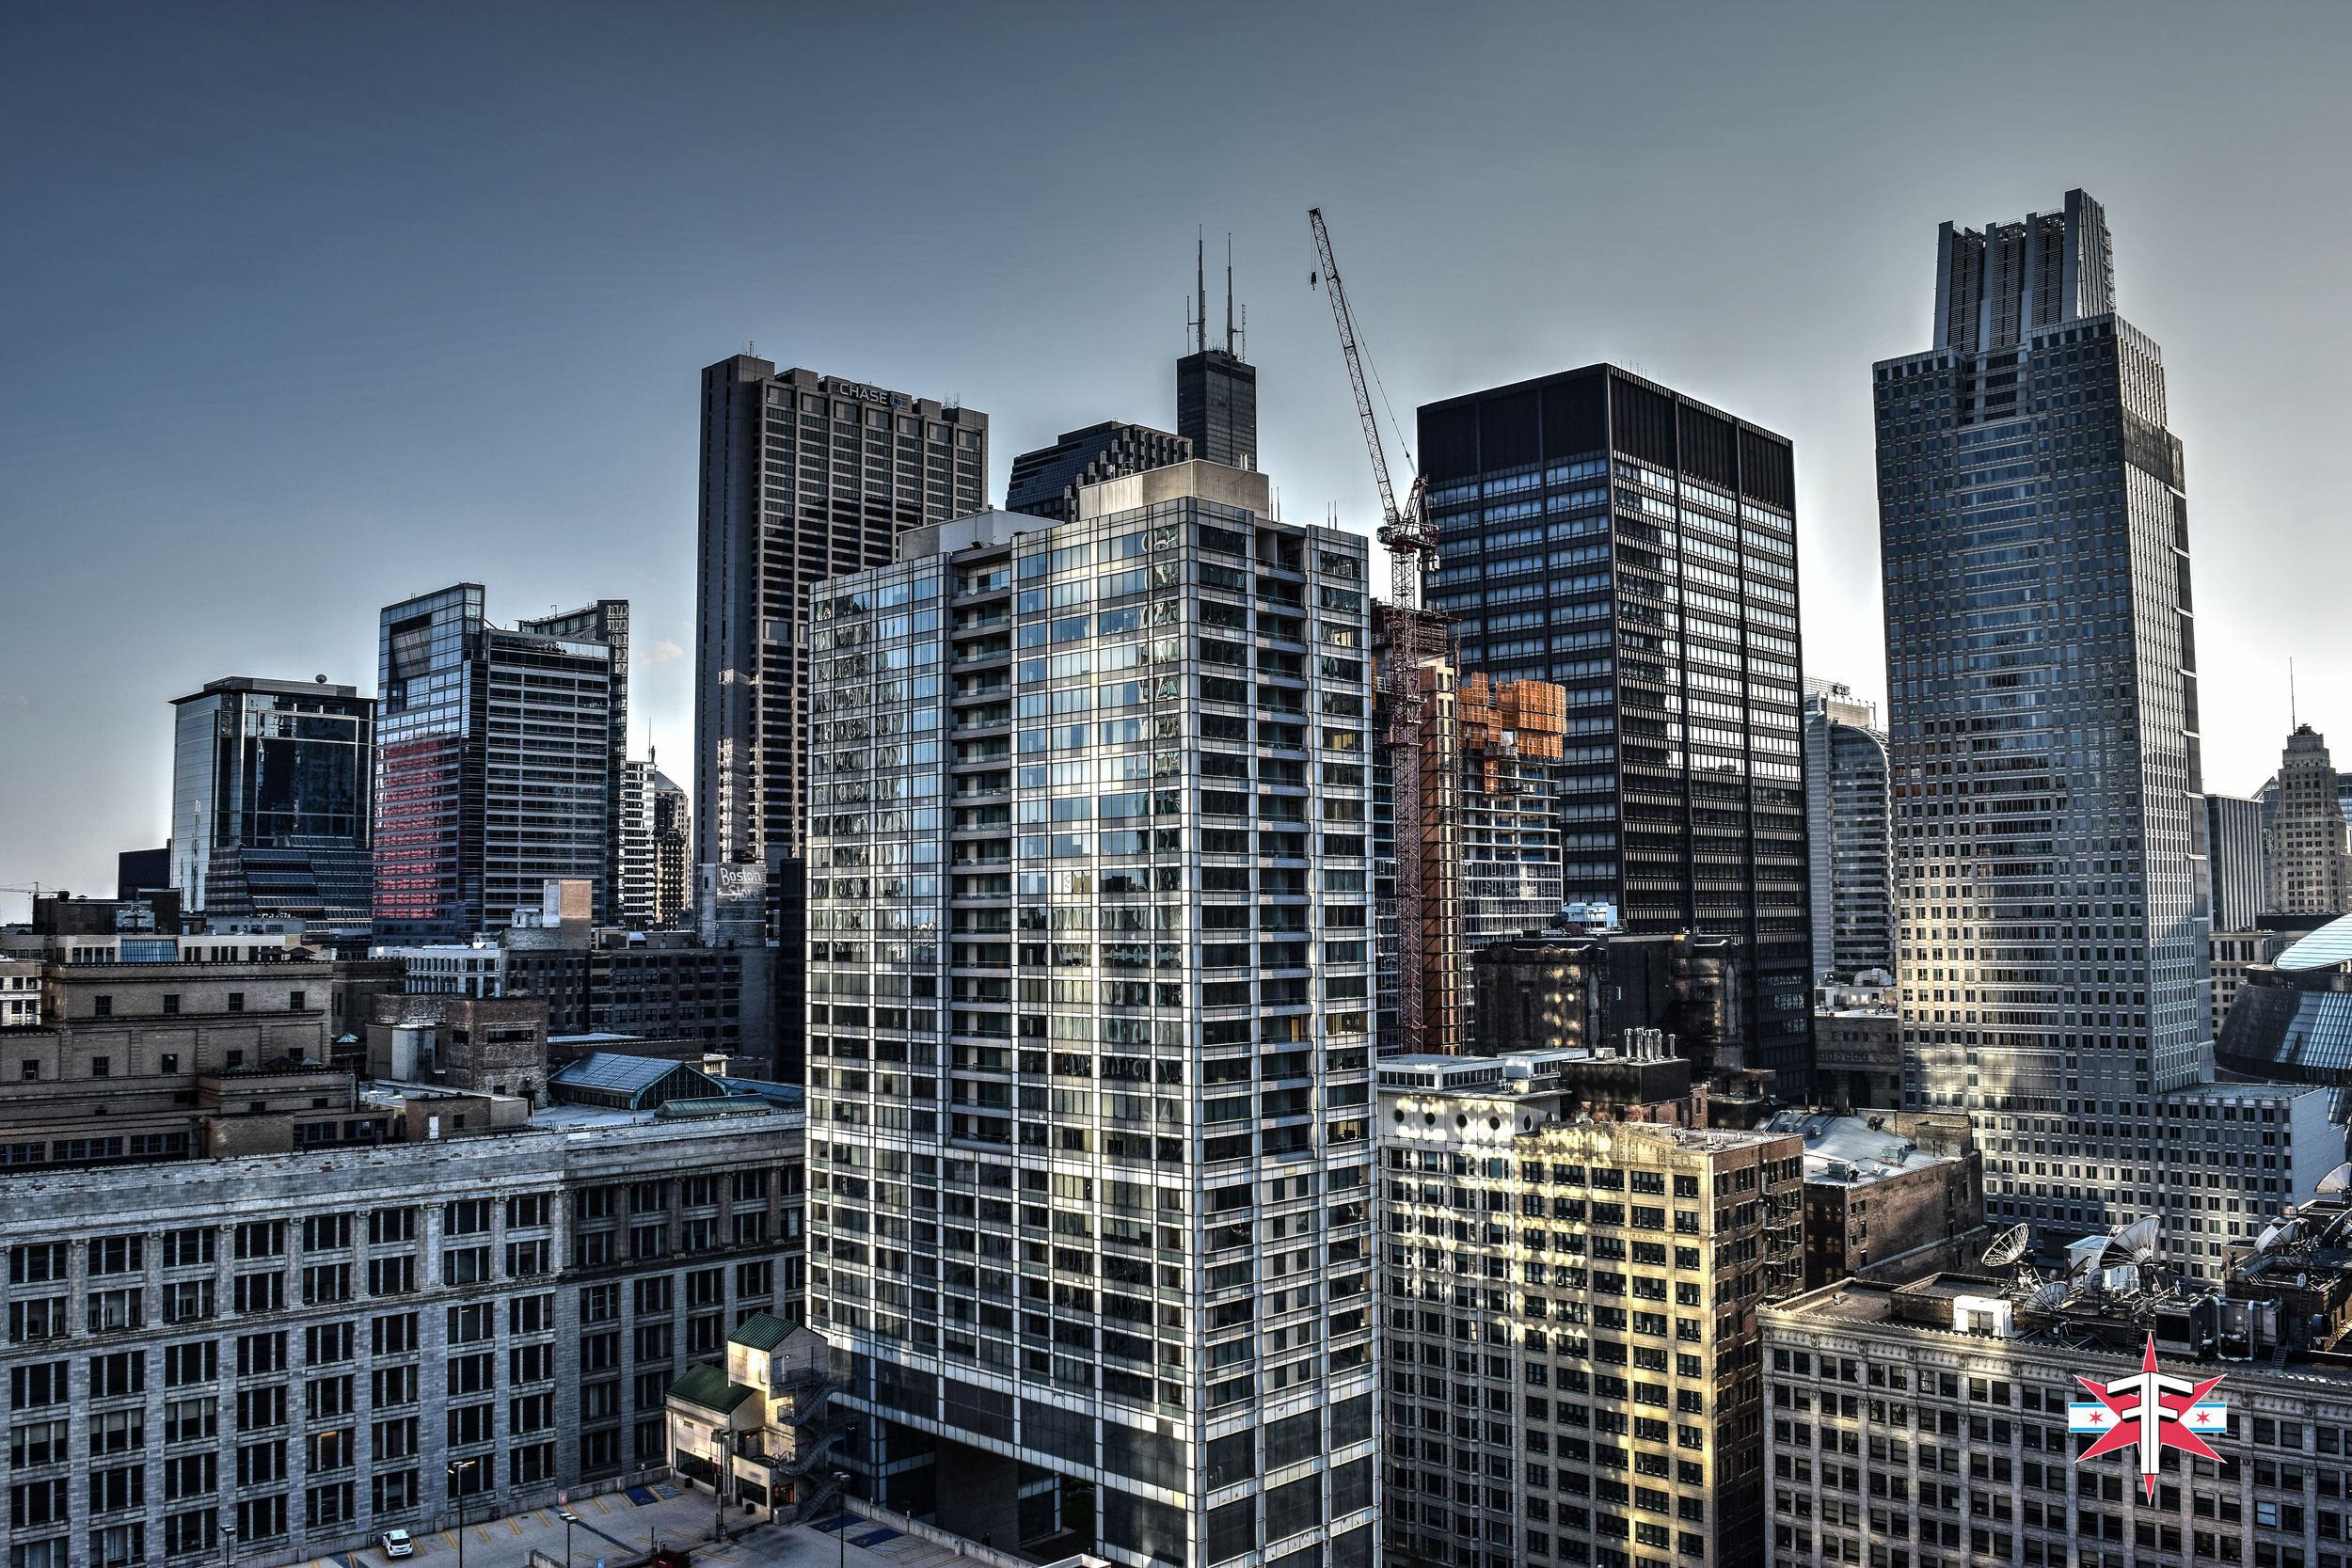 chicago art architecture eric formato photography design arquitectura architettura buildings skyscraper skyscrapers-333.jpg